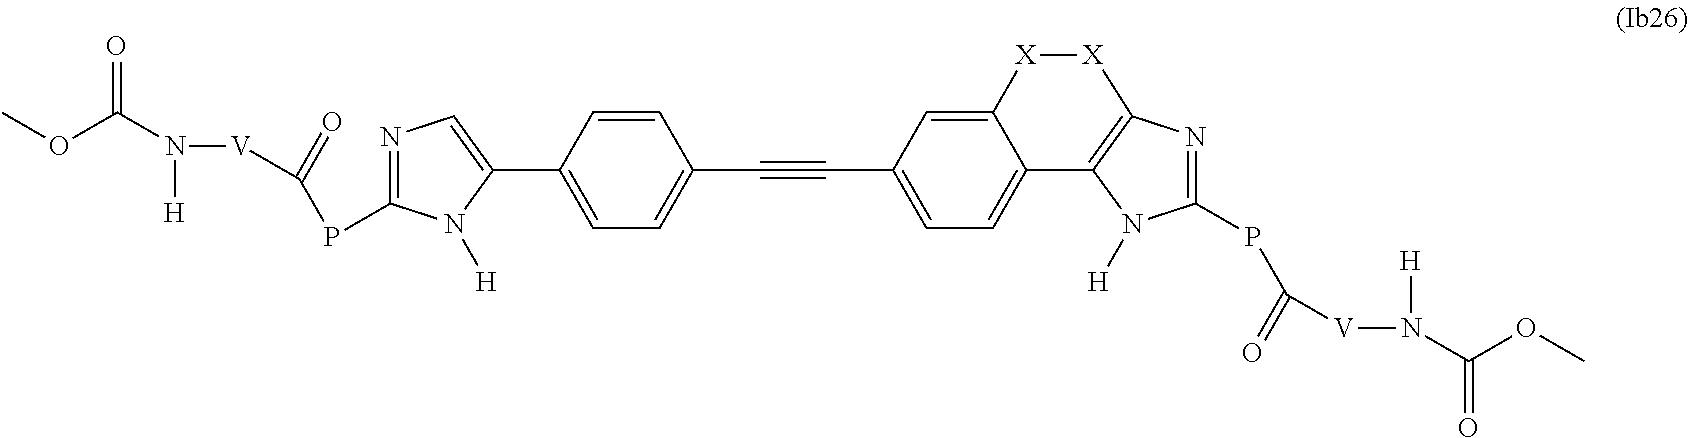 Figure US08273341-20120925-C00373